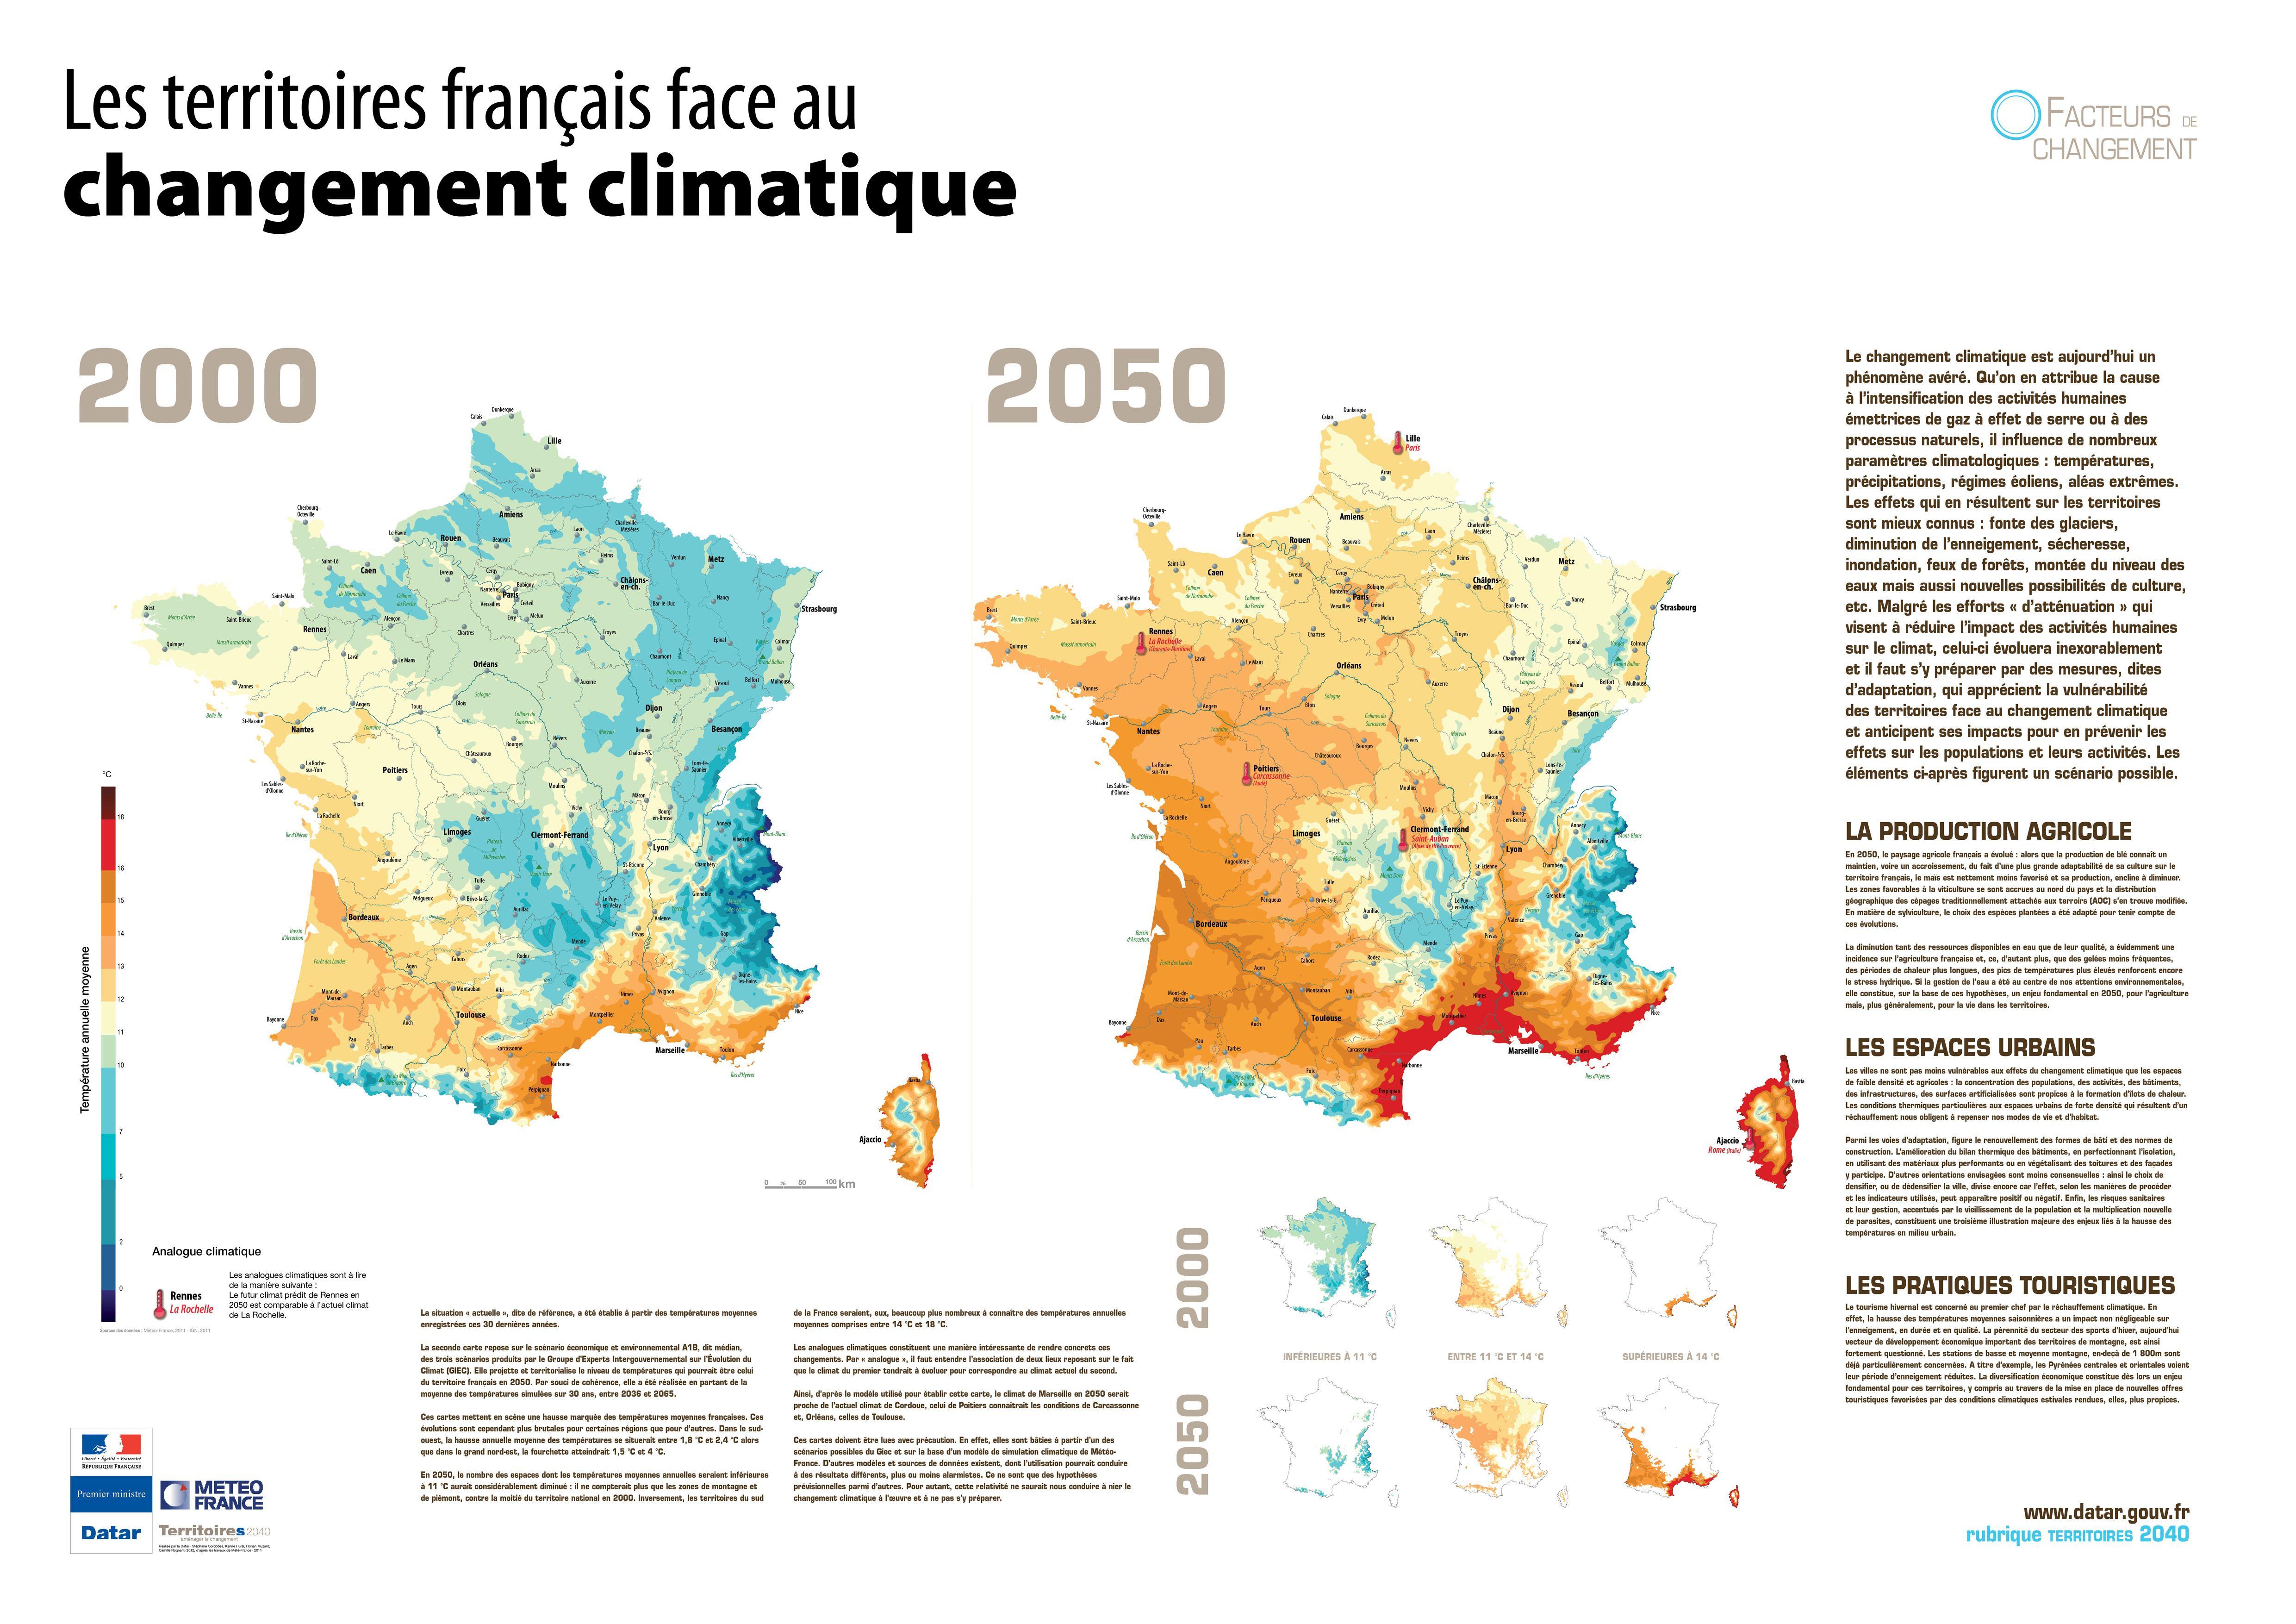 Territoires 2040 - Les territoires face au changement climatique